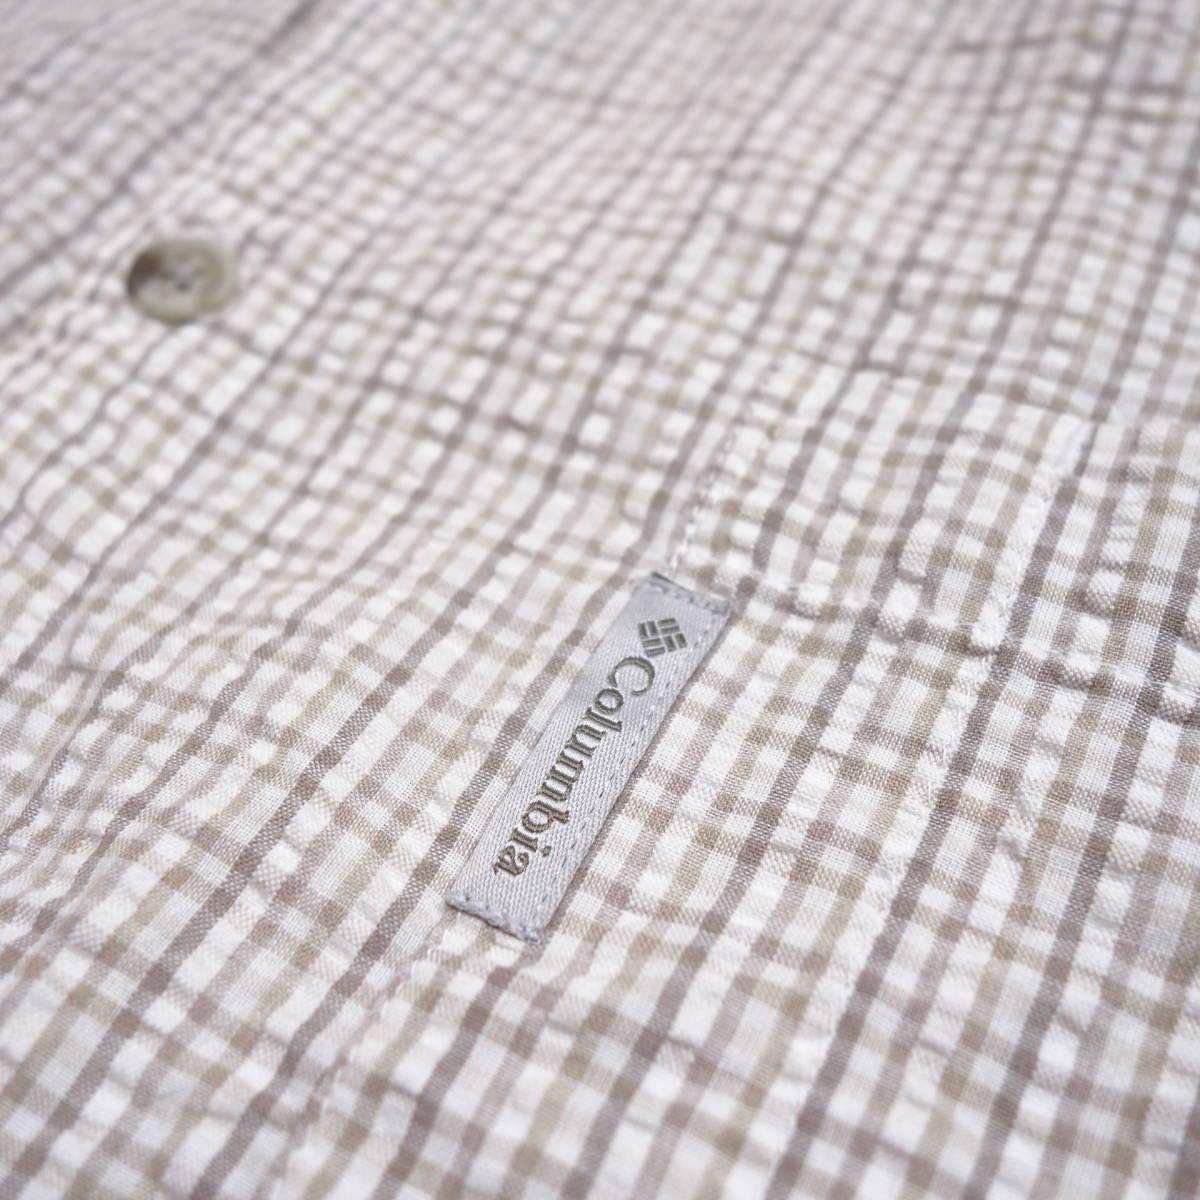 コロンビア Columbia チェックシャツ 半袖 メンズ XL 大きいサイズ ボタンダウン シワ加工 Yシャツ アメリカ USA直輸入 古着 MNO-3-6-0003_画像6